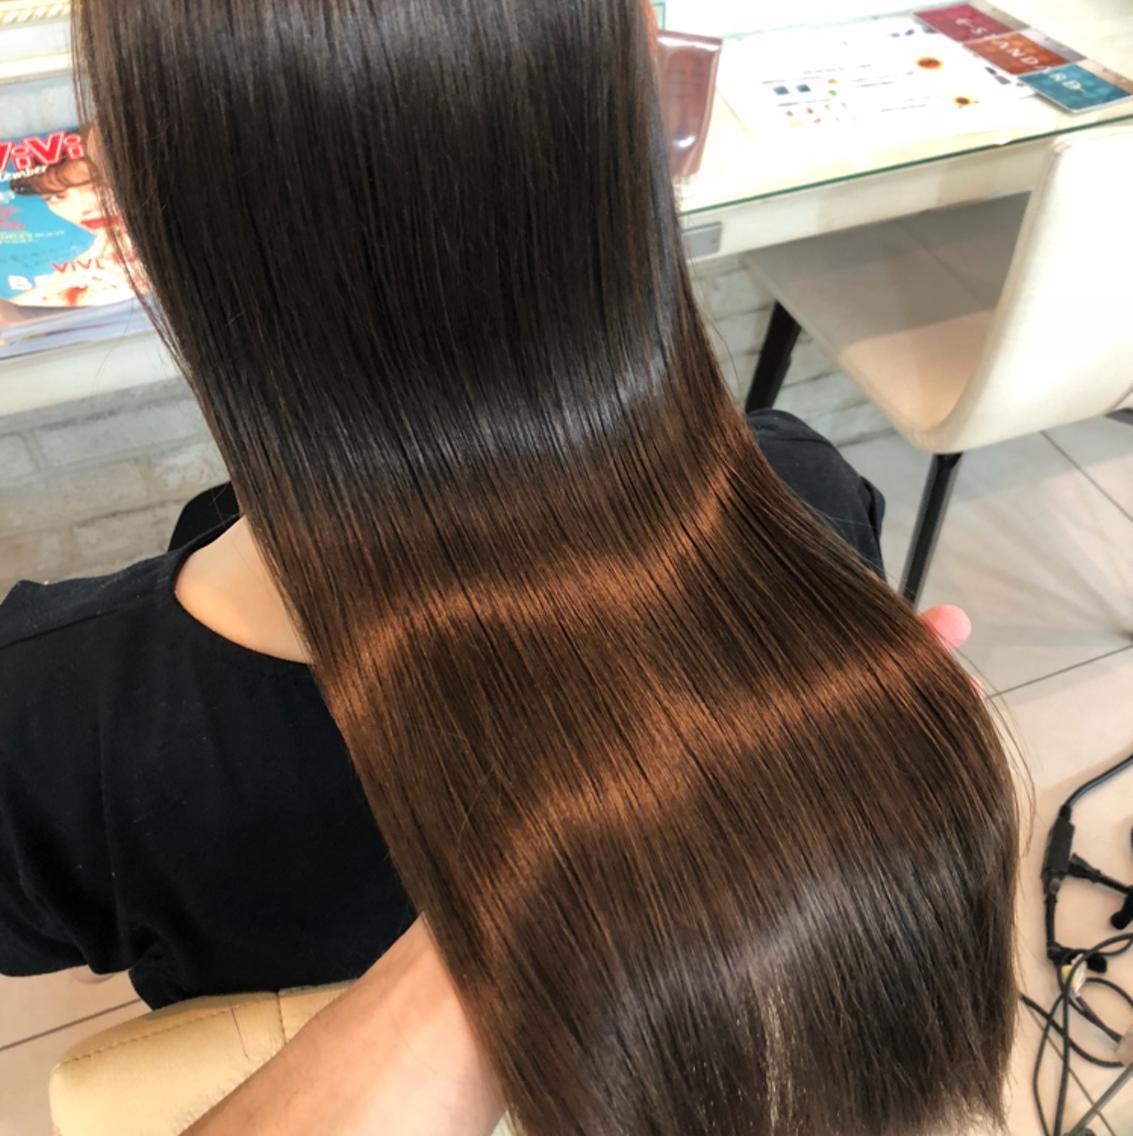 【すぐ予約OK】アイロン・ドライヤー毎日使いがちな人必見!驚きのサラツヤ!!髪を綺麗にしたい方・傷みなどパサつきで悩んでる方!   蘇る髪の毛最高の手触り  プラチナトリートメント!